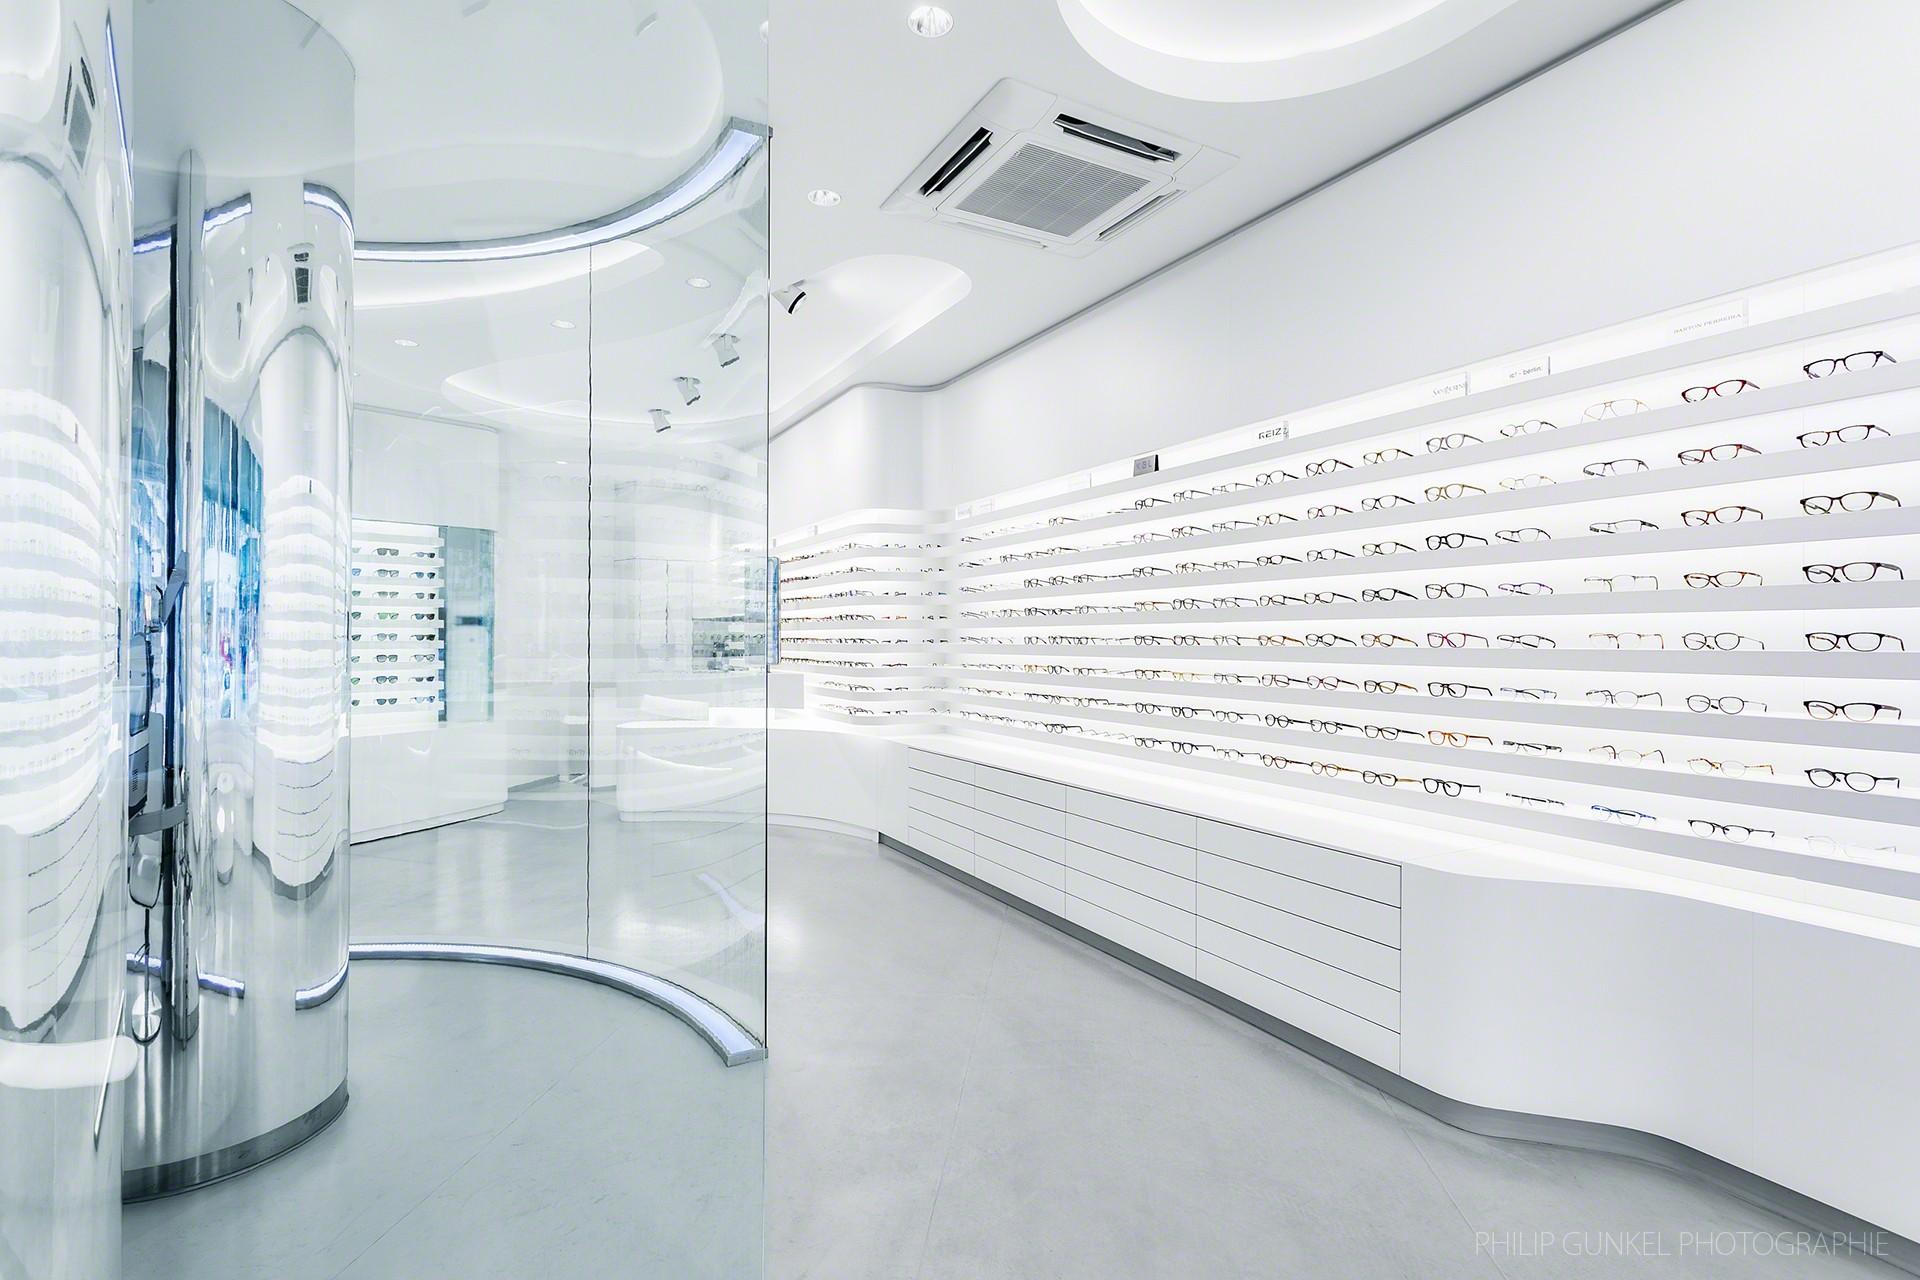 Zeiss Vision Center Kurfürstendamm Philip Gunkel 10